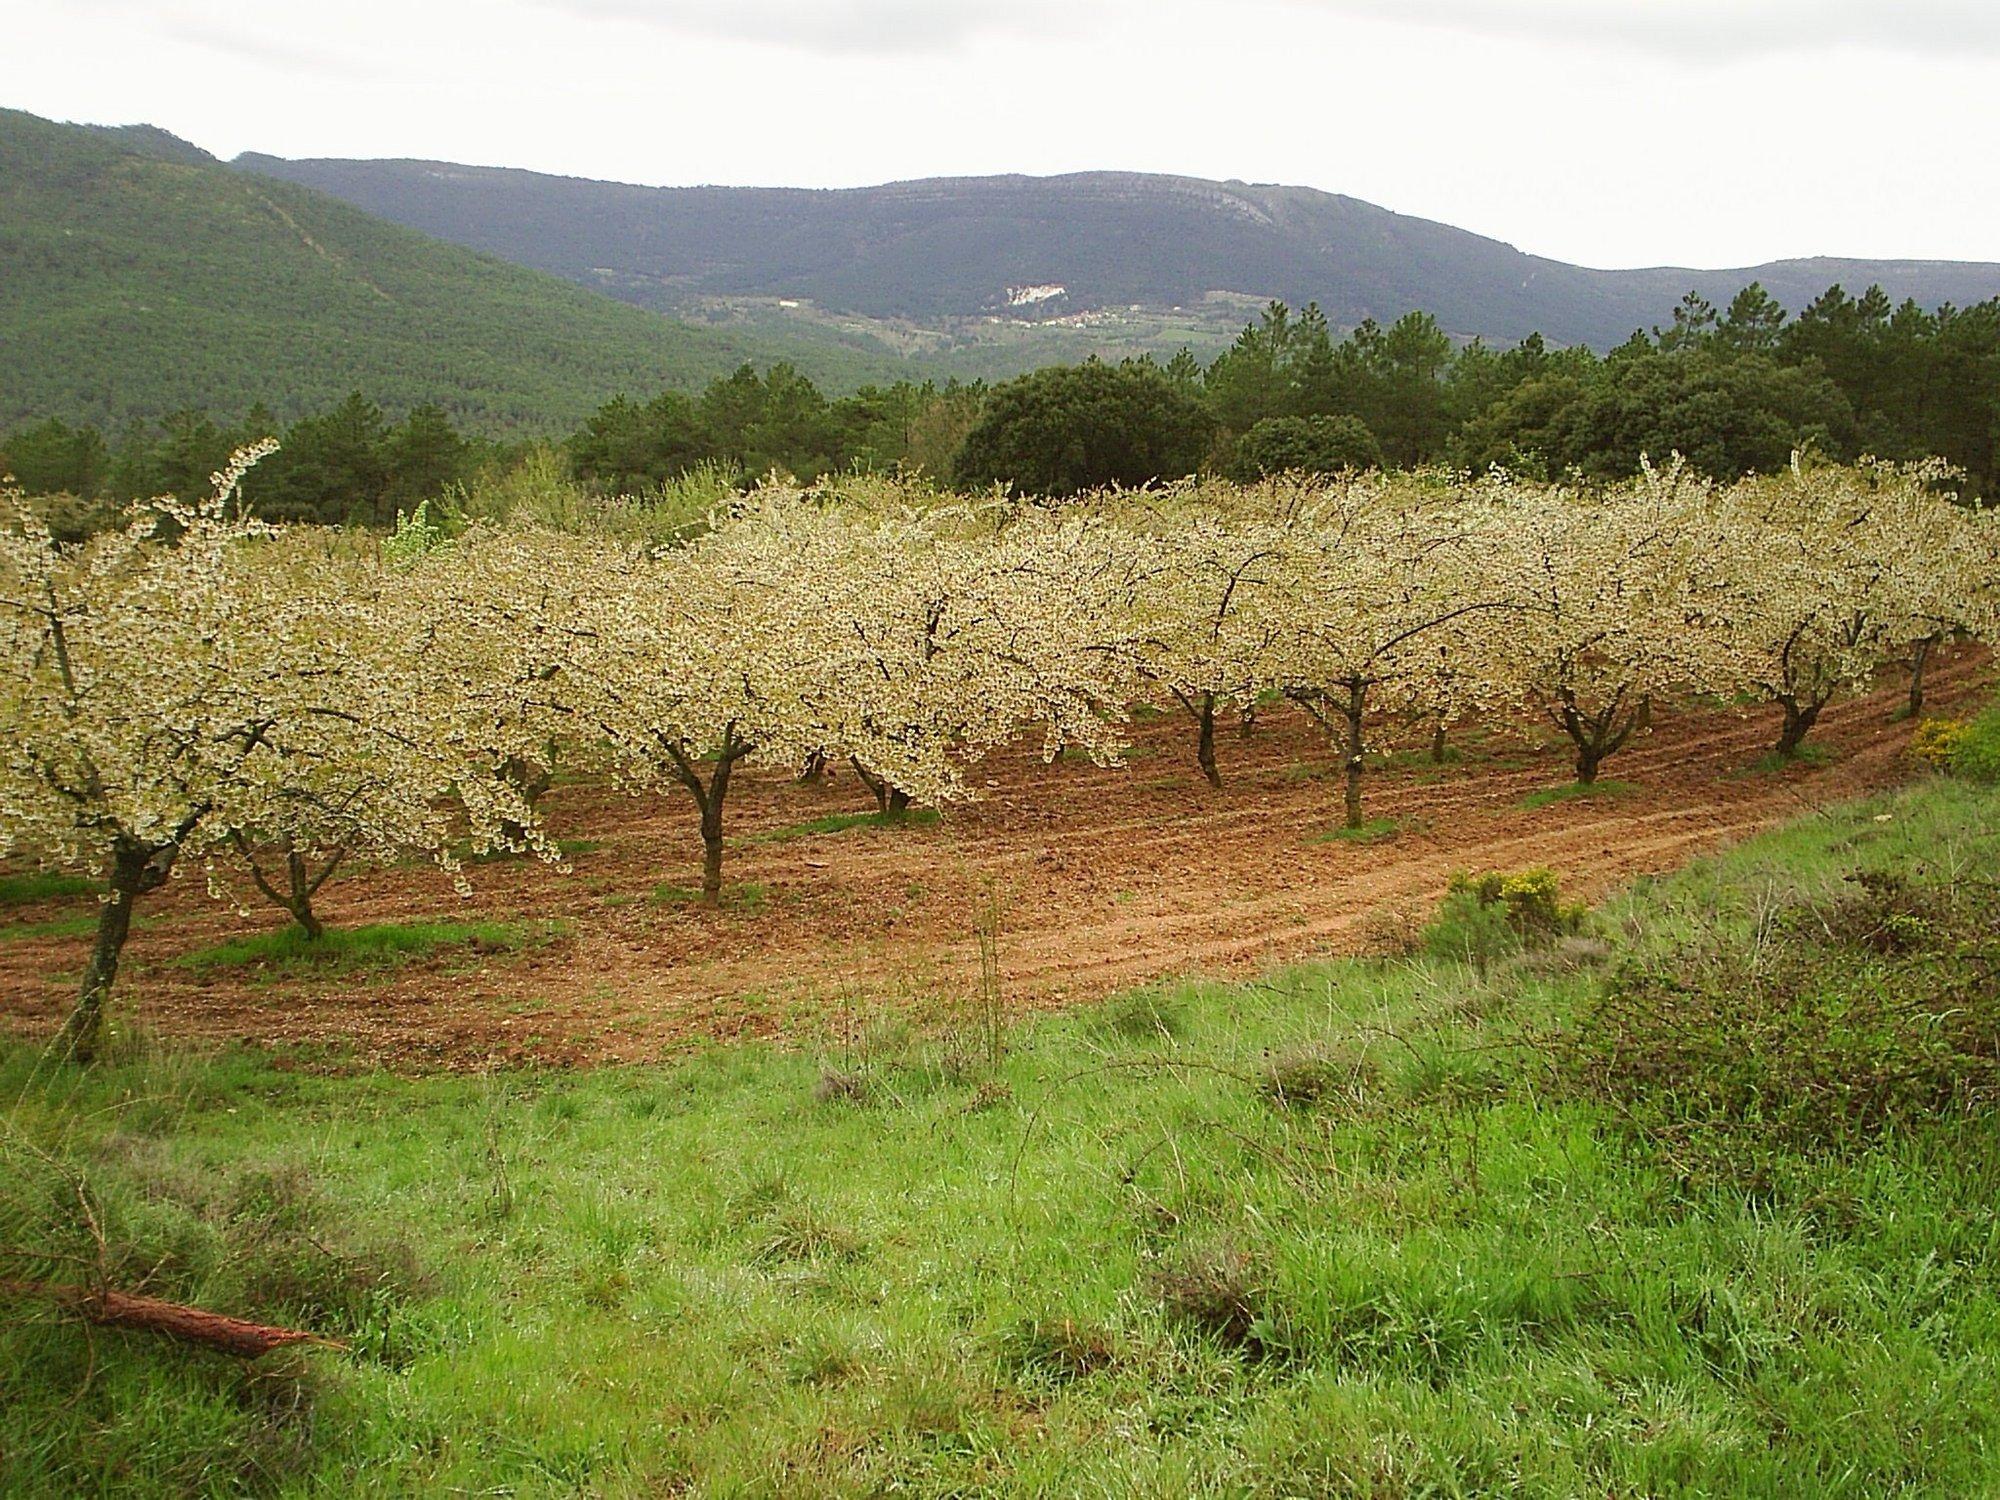 Fruticultores de las Caderechas (Burgos) inician contactos para agrupar parcelas y adquirir terrenos abandonados